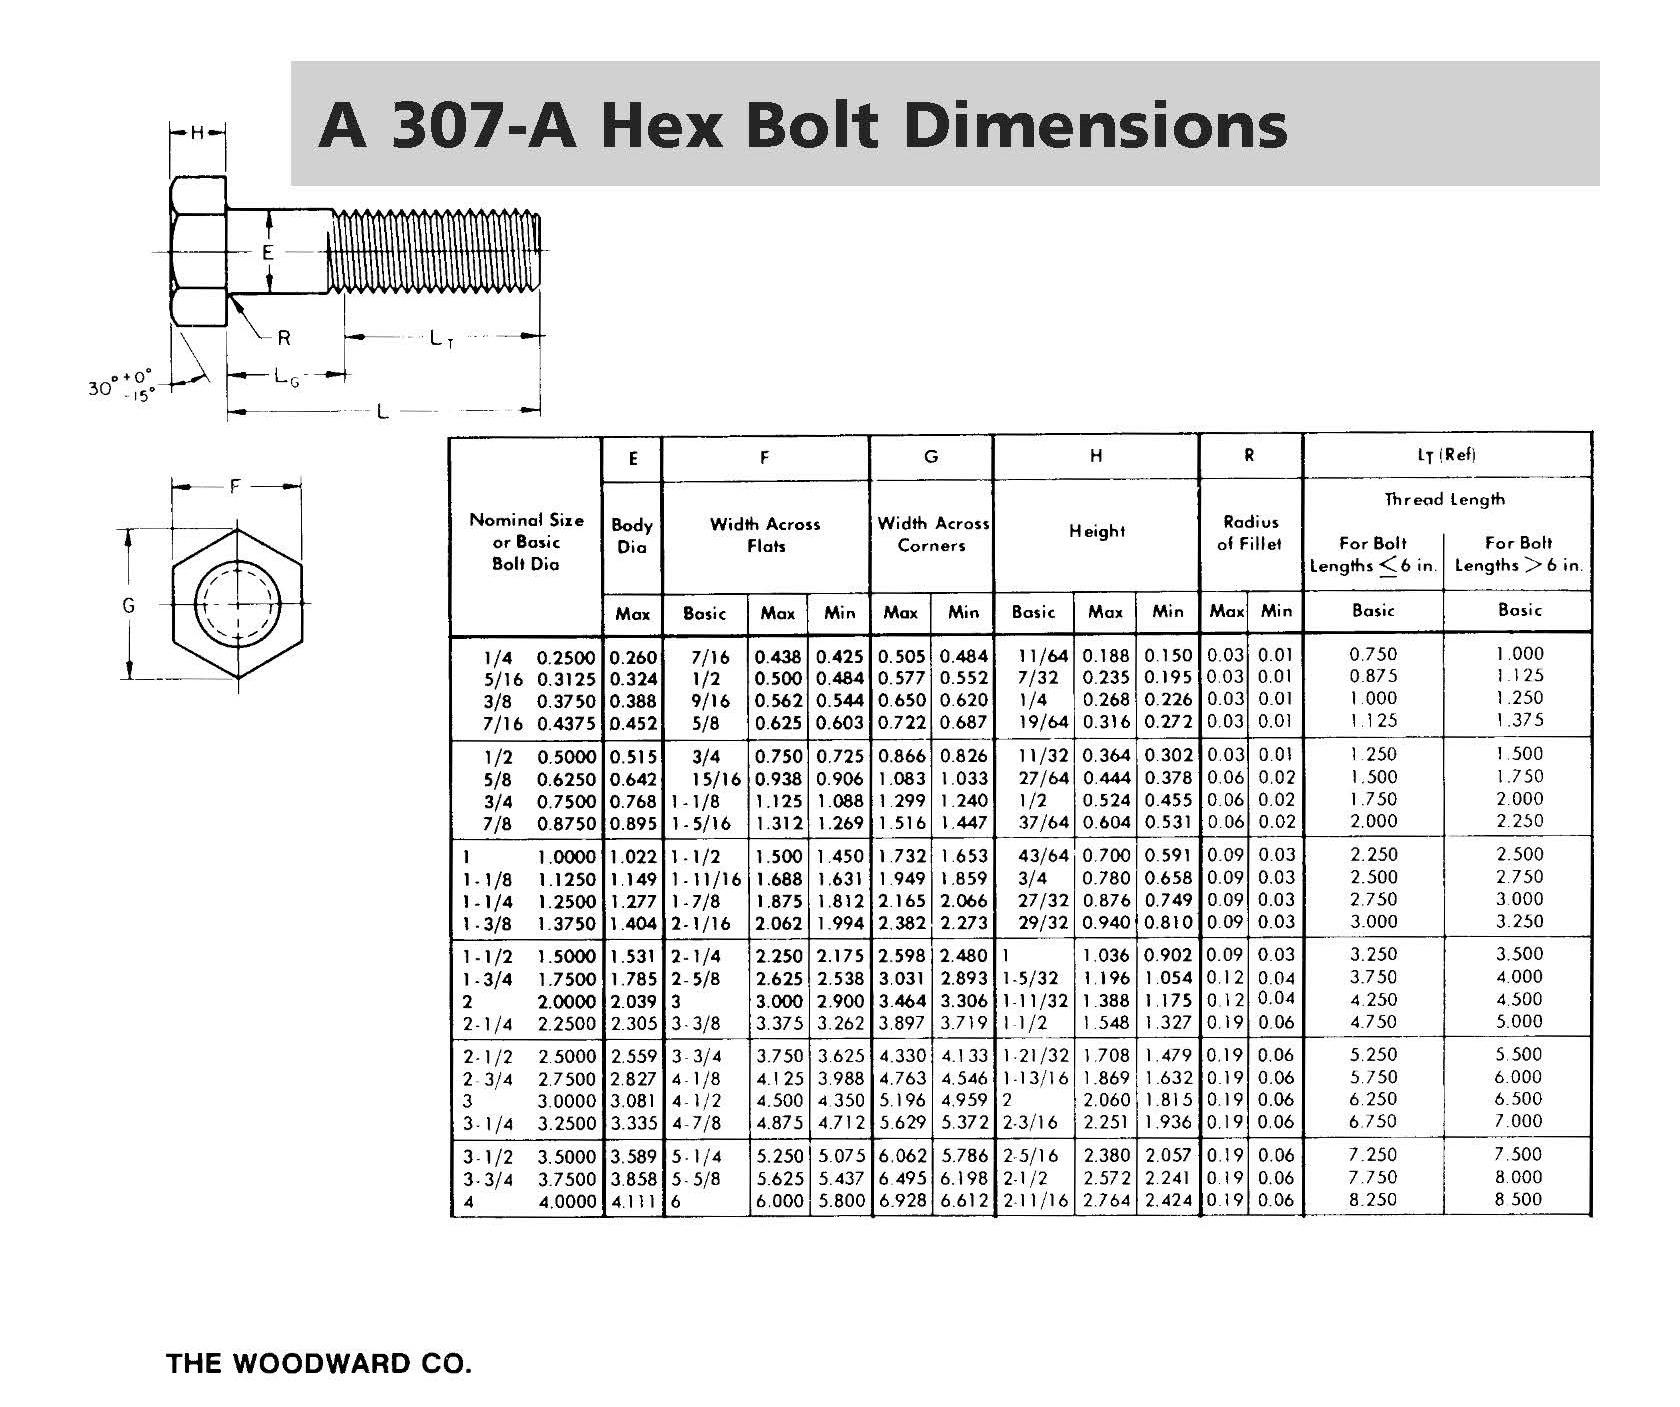 A307 GRADE A HEX BOLTS